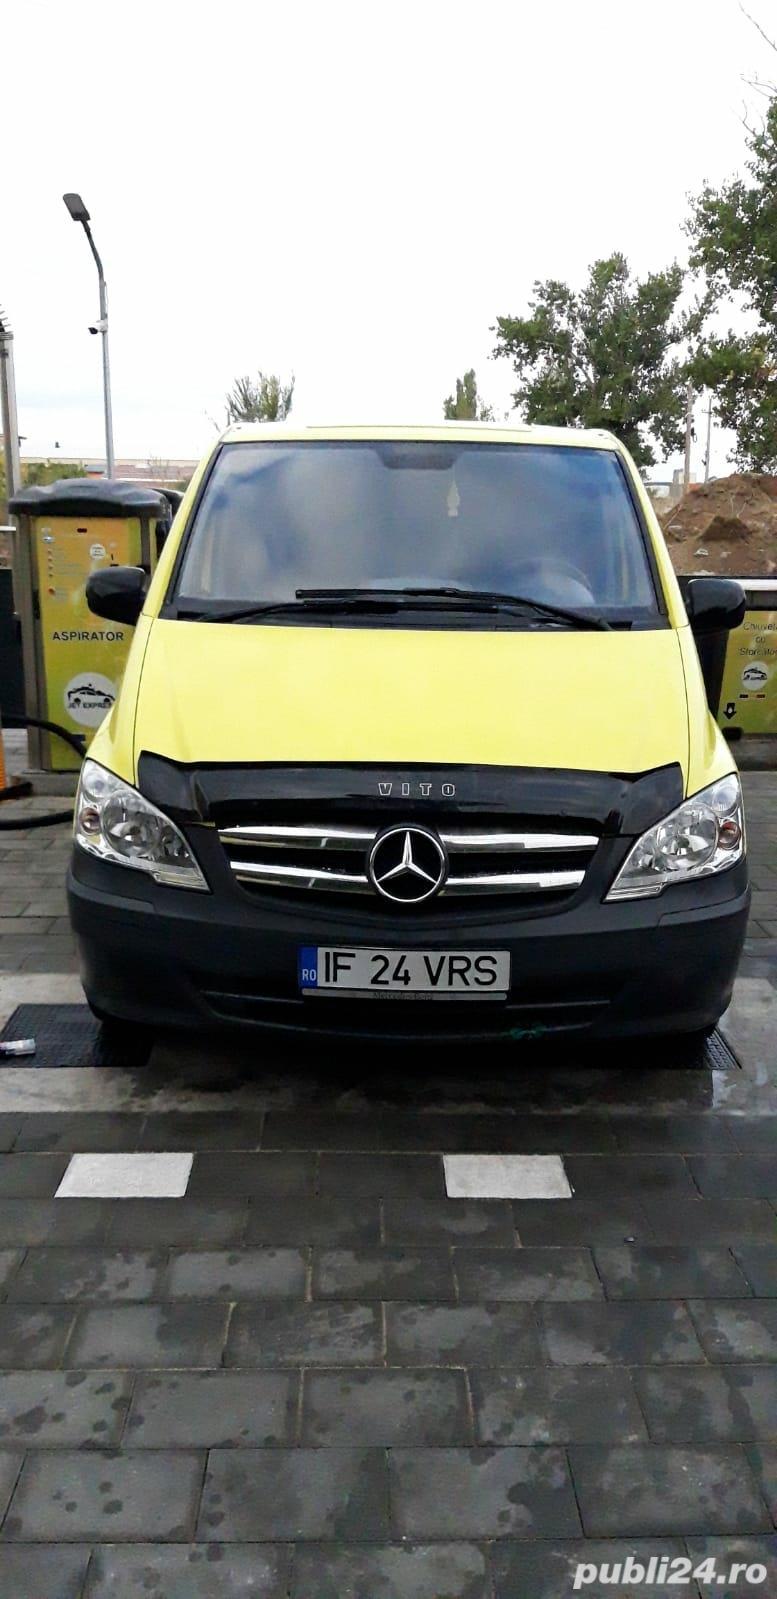 Mercedes-benz Vito 2011 euro 5 impecabil